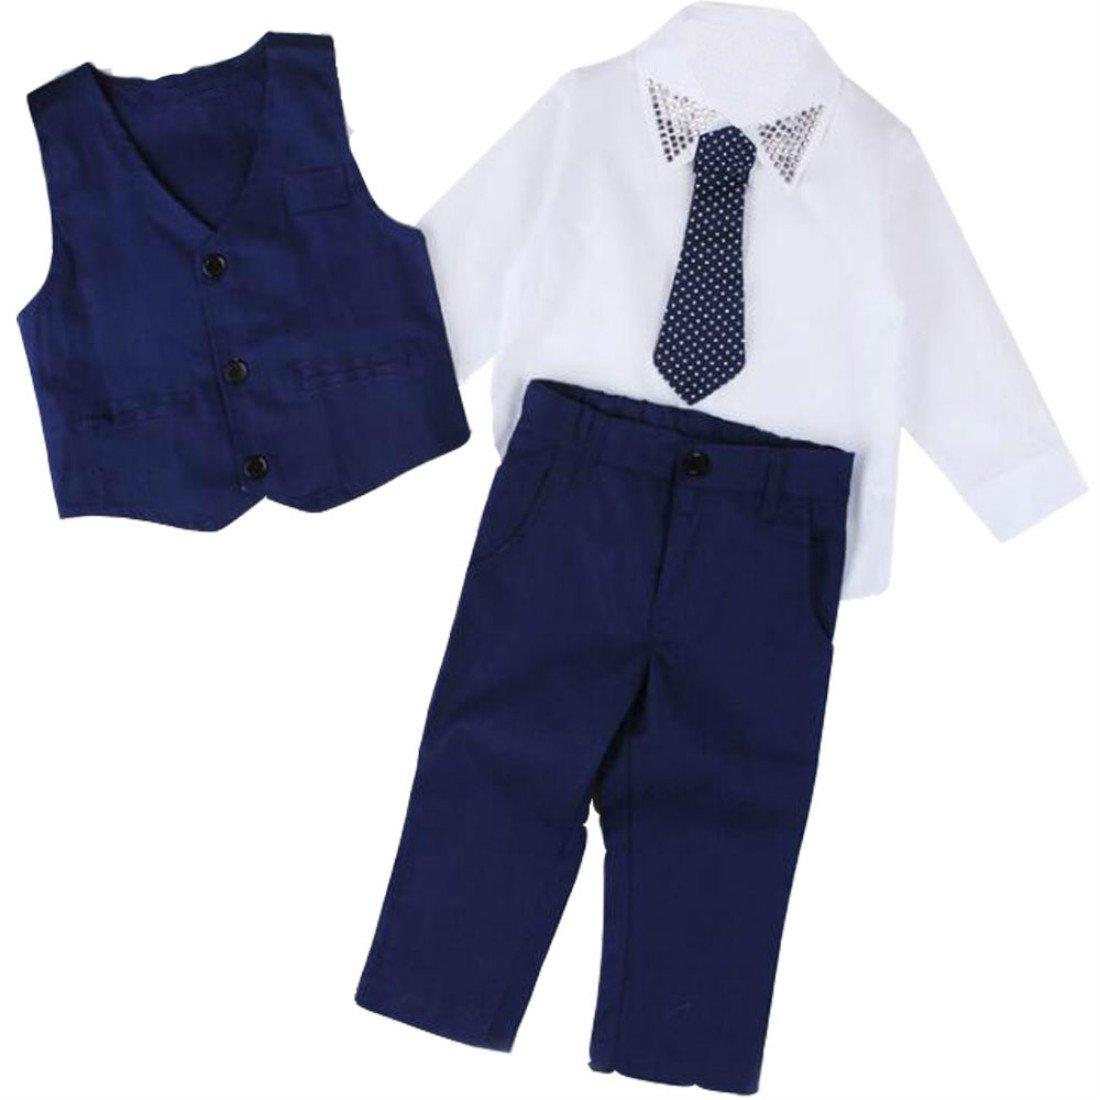 Colygamala Boys Blazer Suit Children Vest+Tie+Blouse+Pants 4 Pieces Blazer Sets for Wedding Autumn Outwear